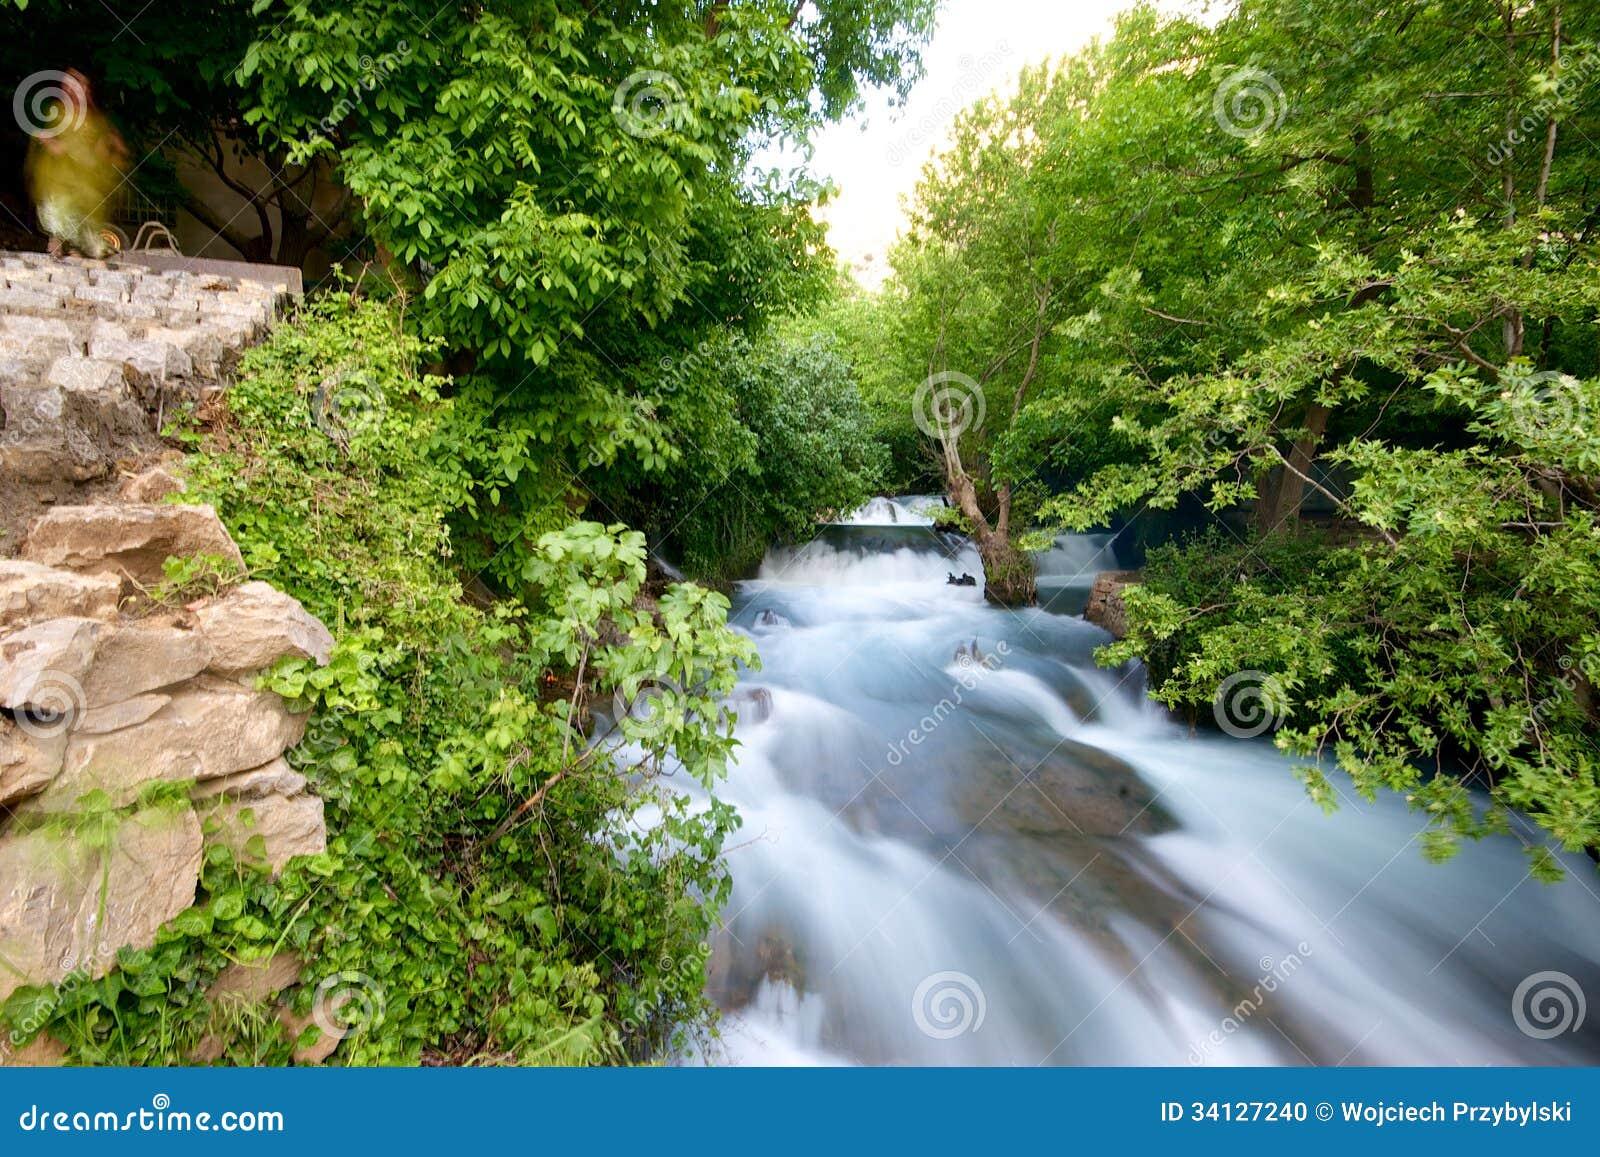 Nature S Design Pelican Rapids